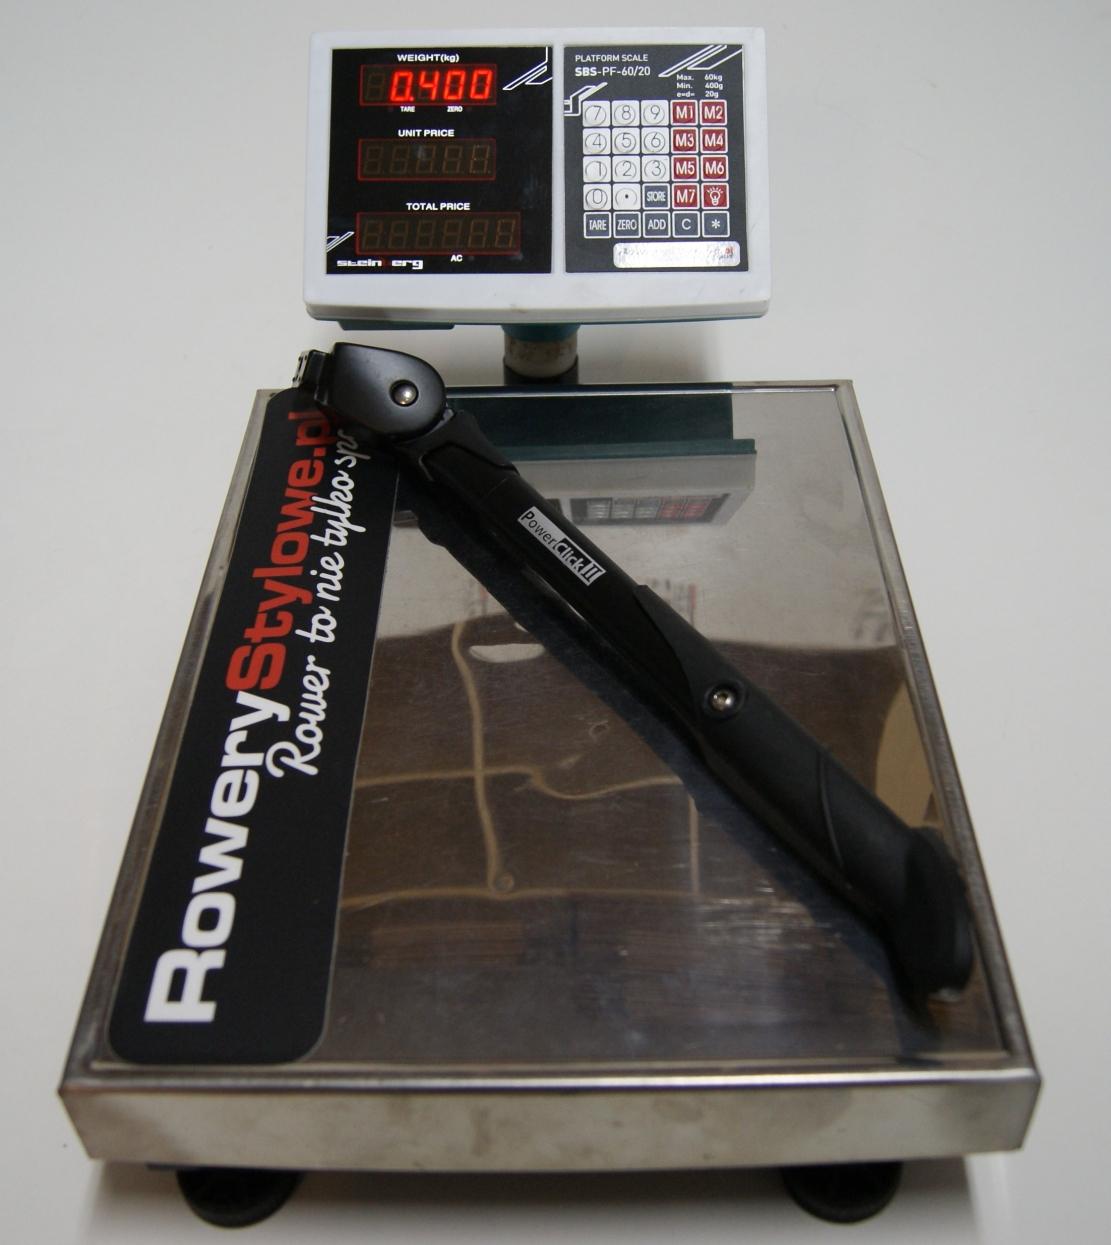 Nóżka rowerowa Gazelle PowerClick II  400 gram